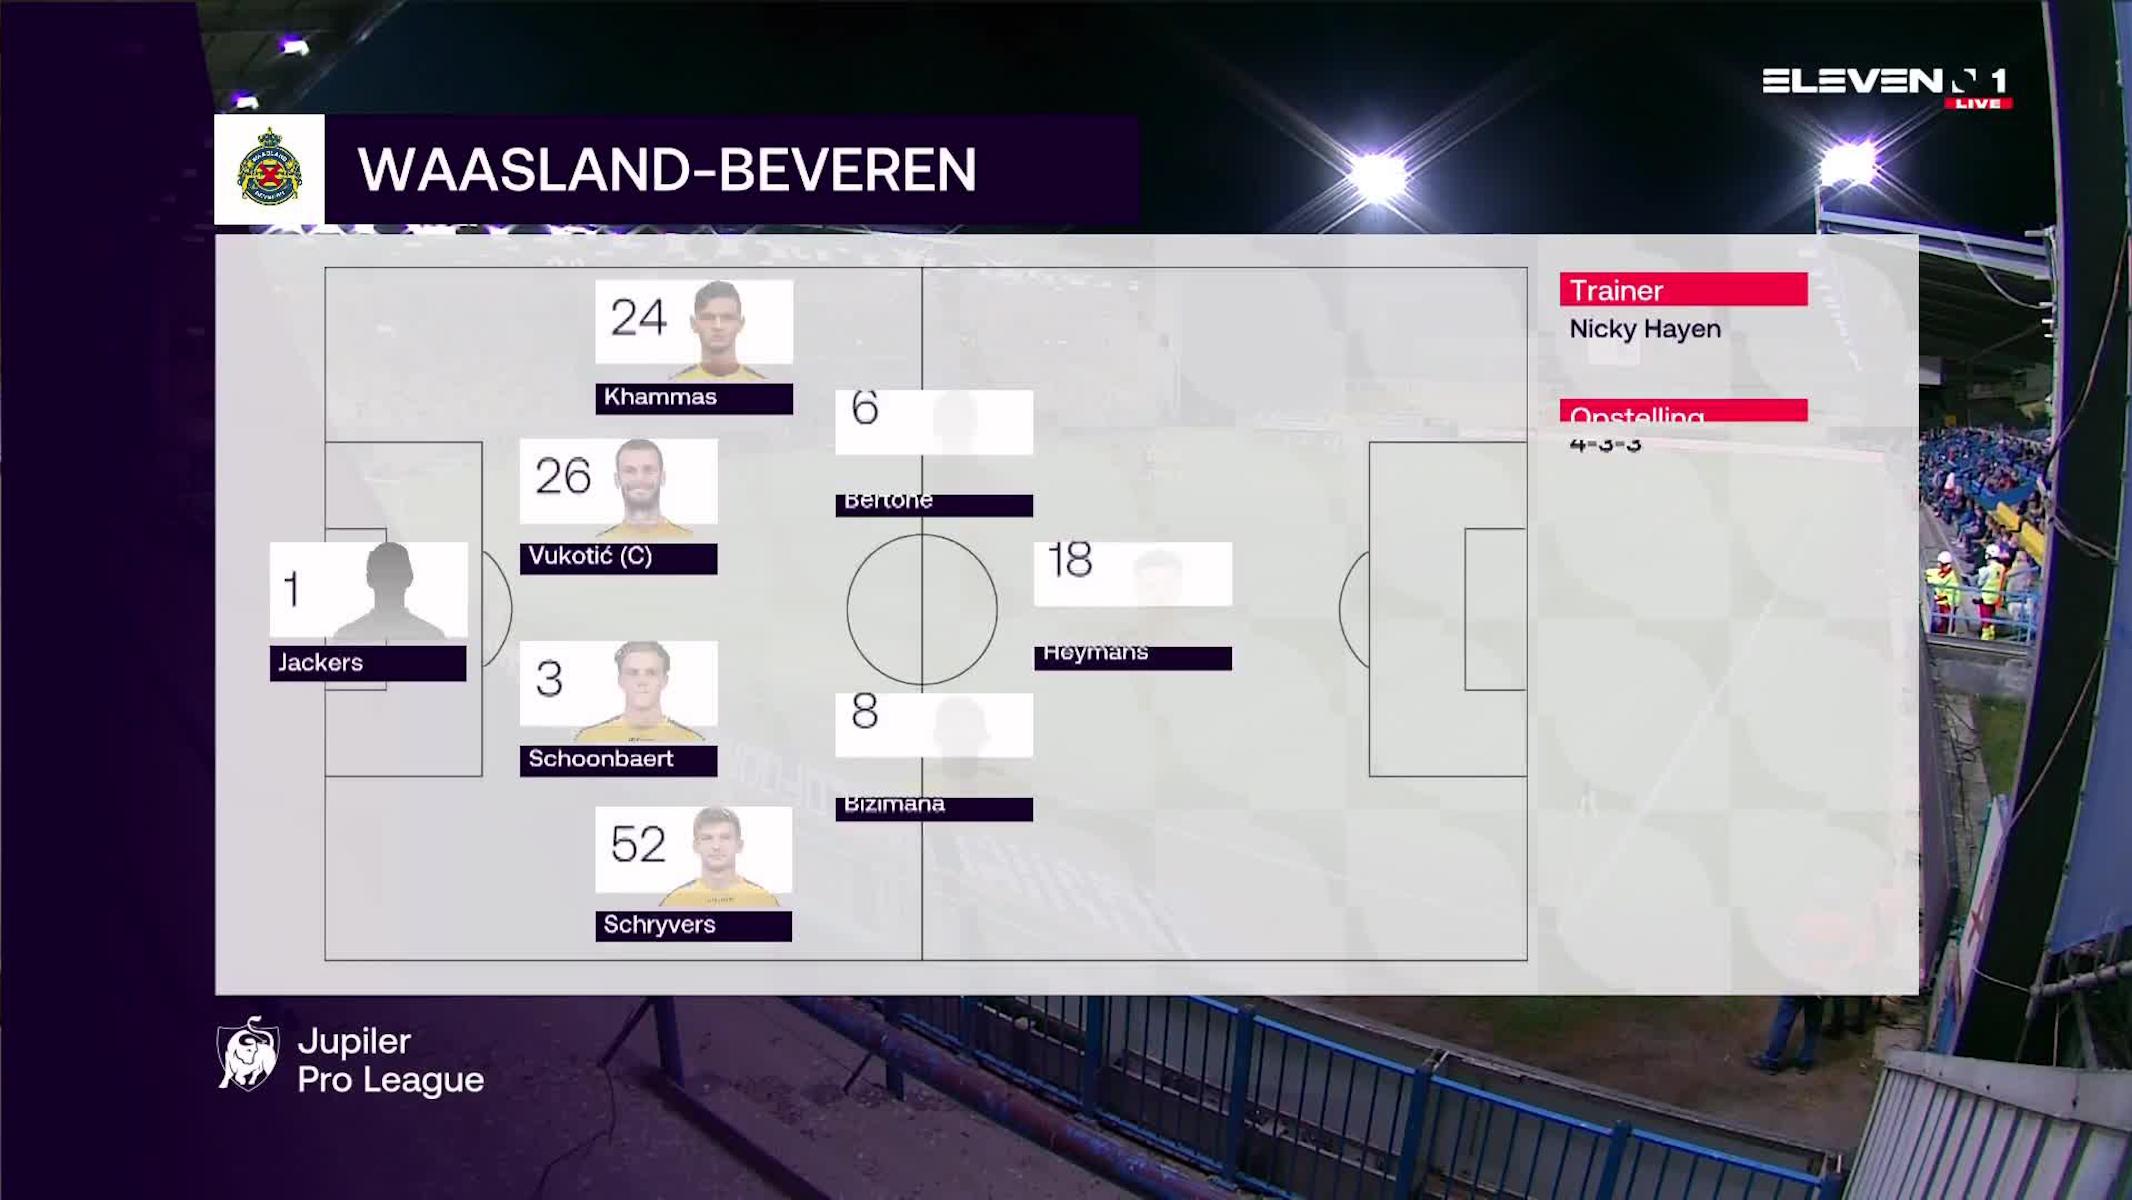 Samenvatting Waasland-Beveren vs. RSC Anderlecht